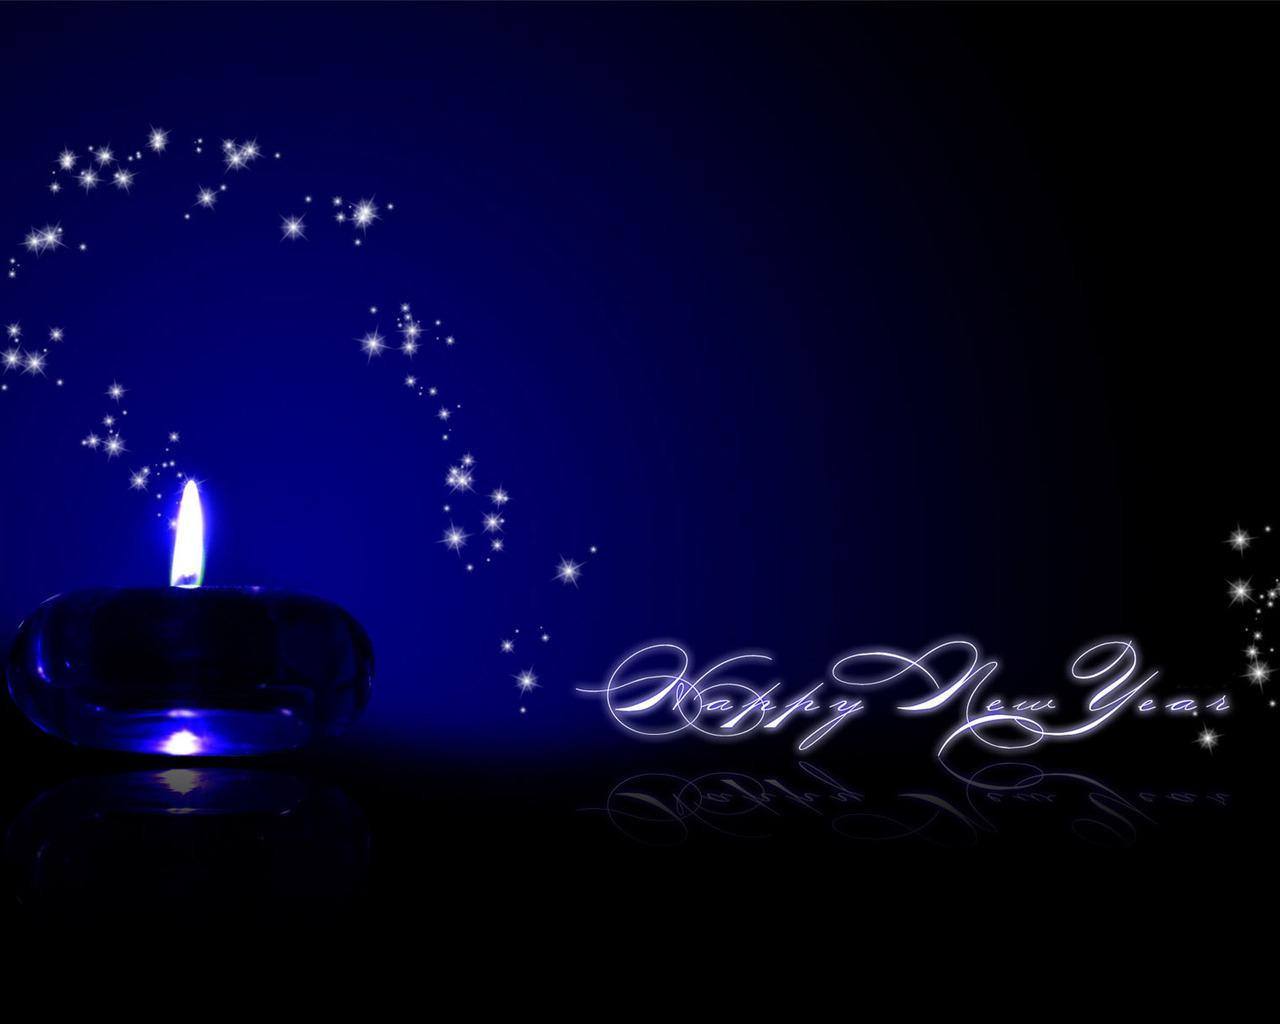 http://1.bp.blogspot.com/-WnemN3SFV54/Tt7sSiB7_nI/AAAAAAAABi0/l--Yj141Kew/s1600/christmas-wallpaper-2010-12.jpg